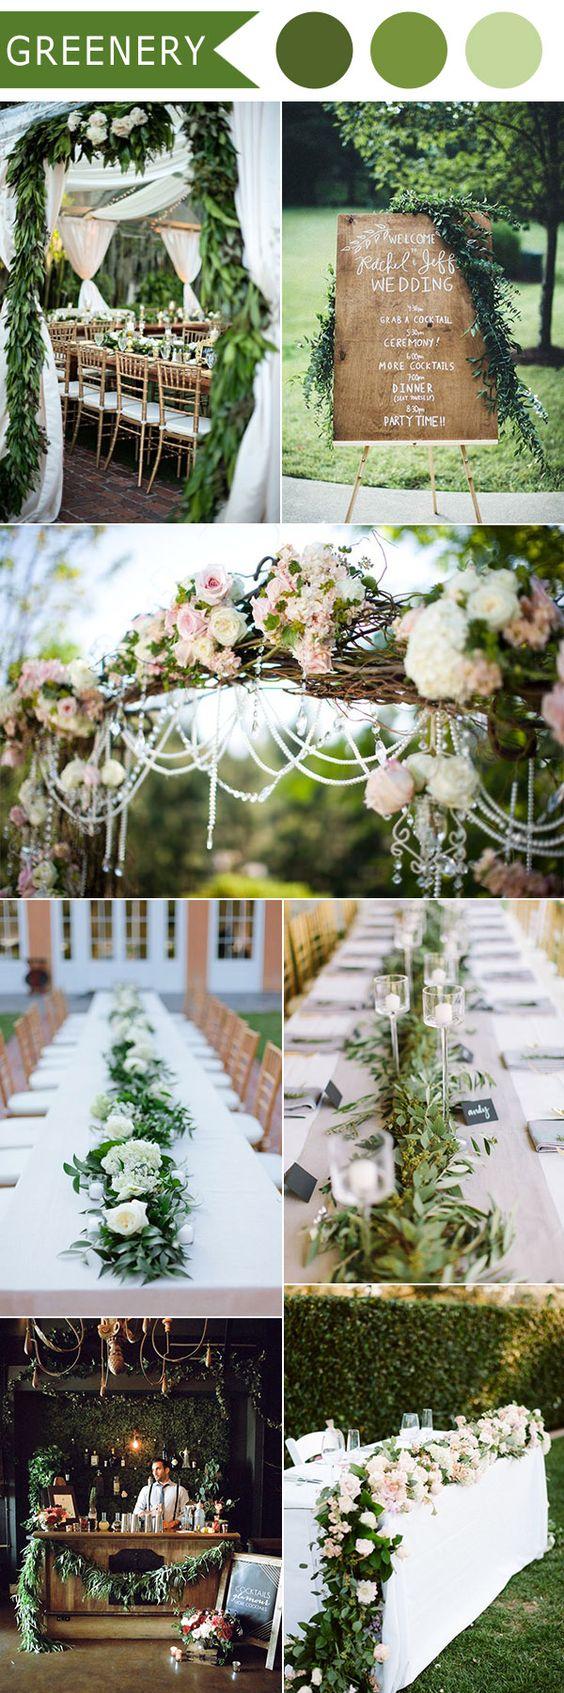 Decoración de boda en Greenery, pantone para el 2017 visto en Pinterest.